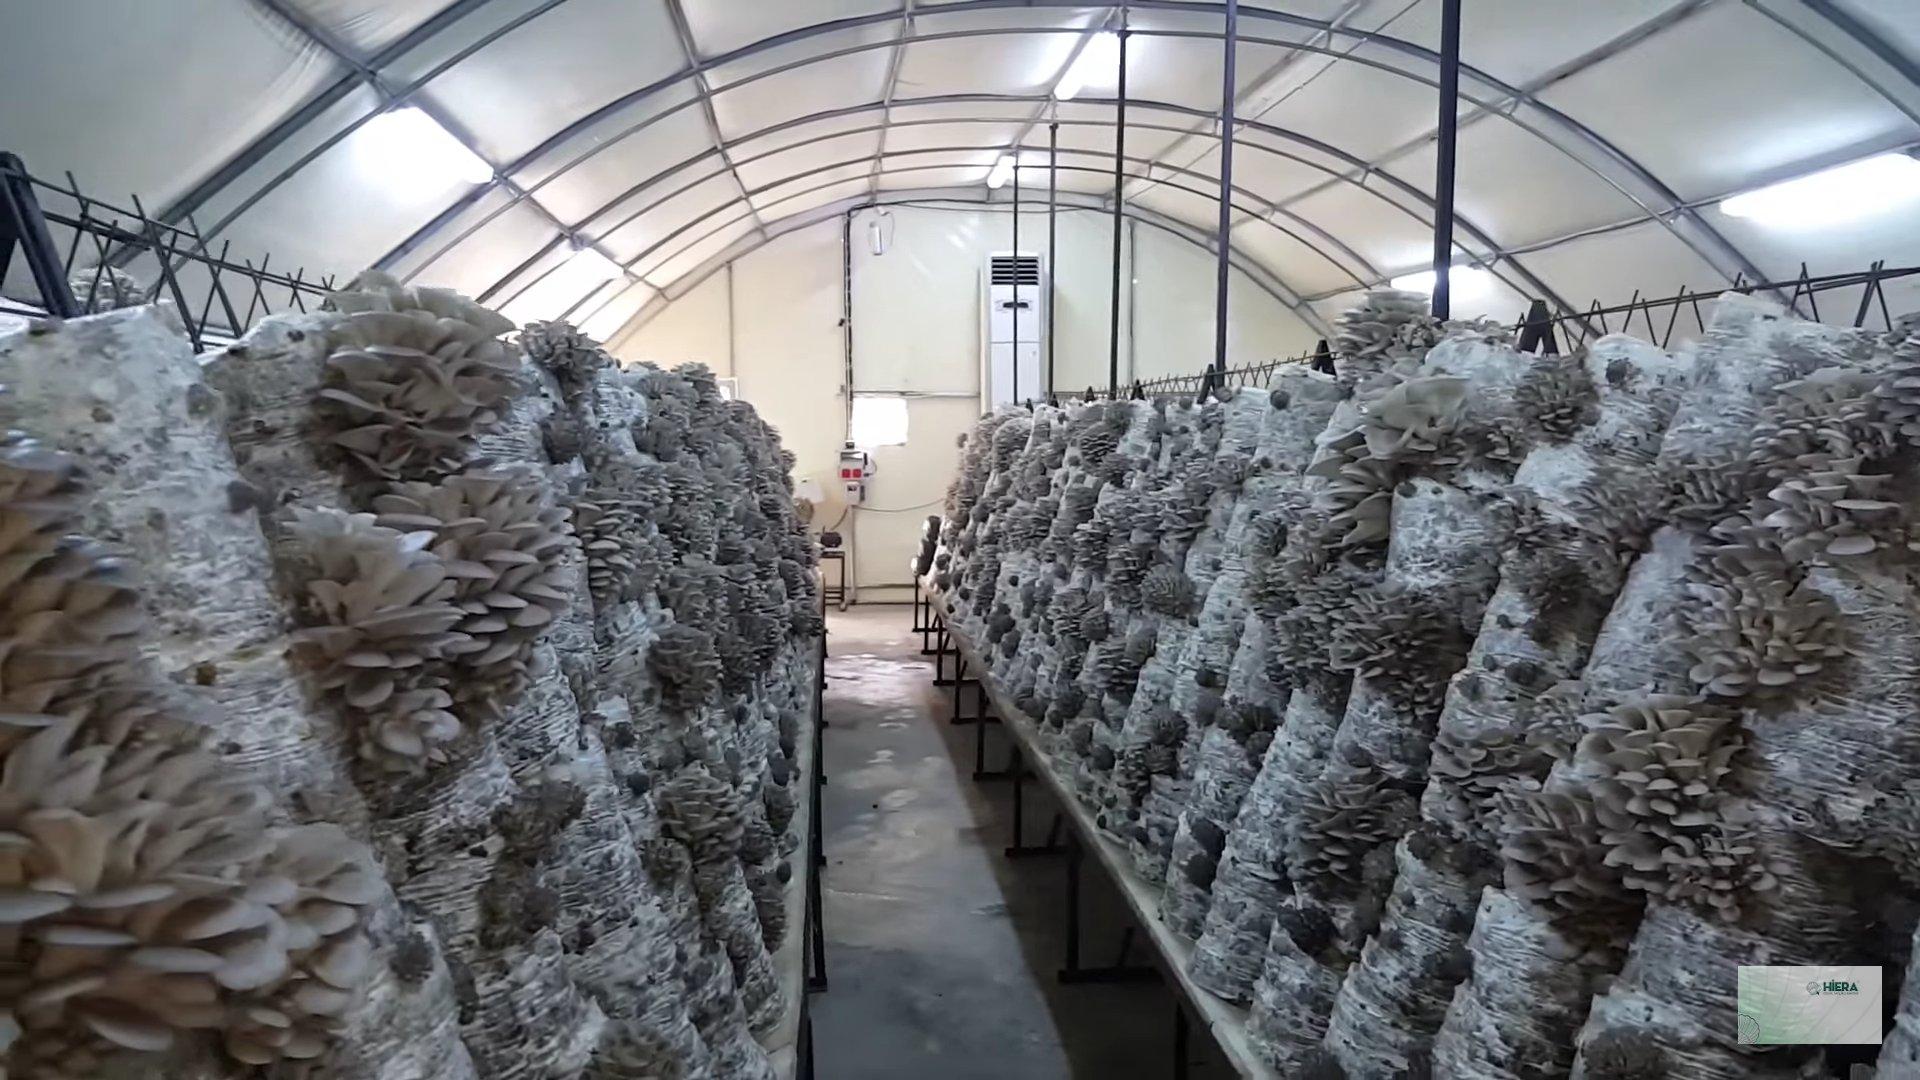 Выращивание белых грибов: особенности и перспективы развития